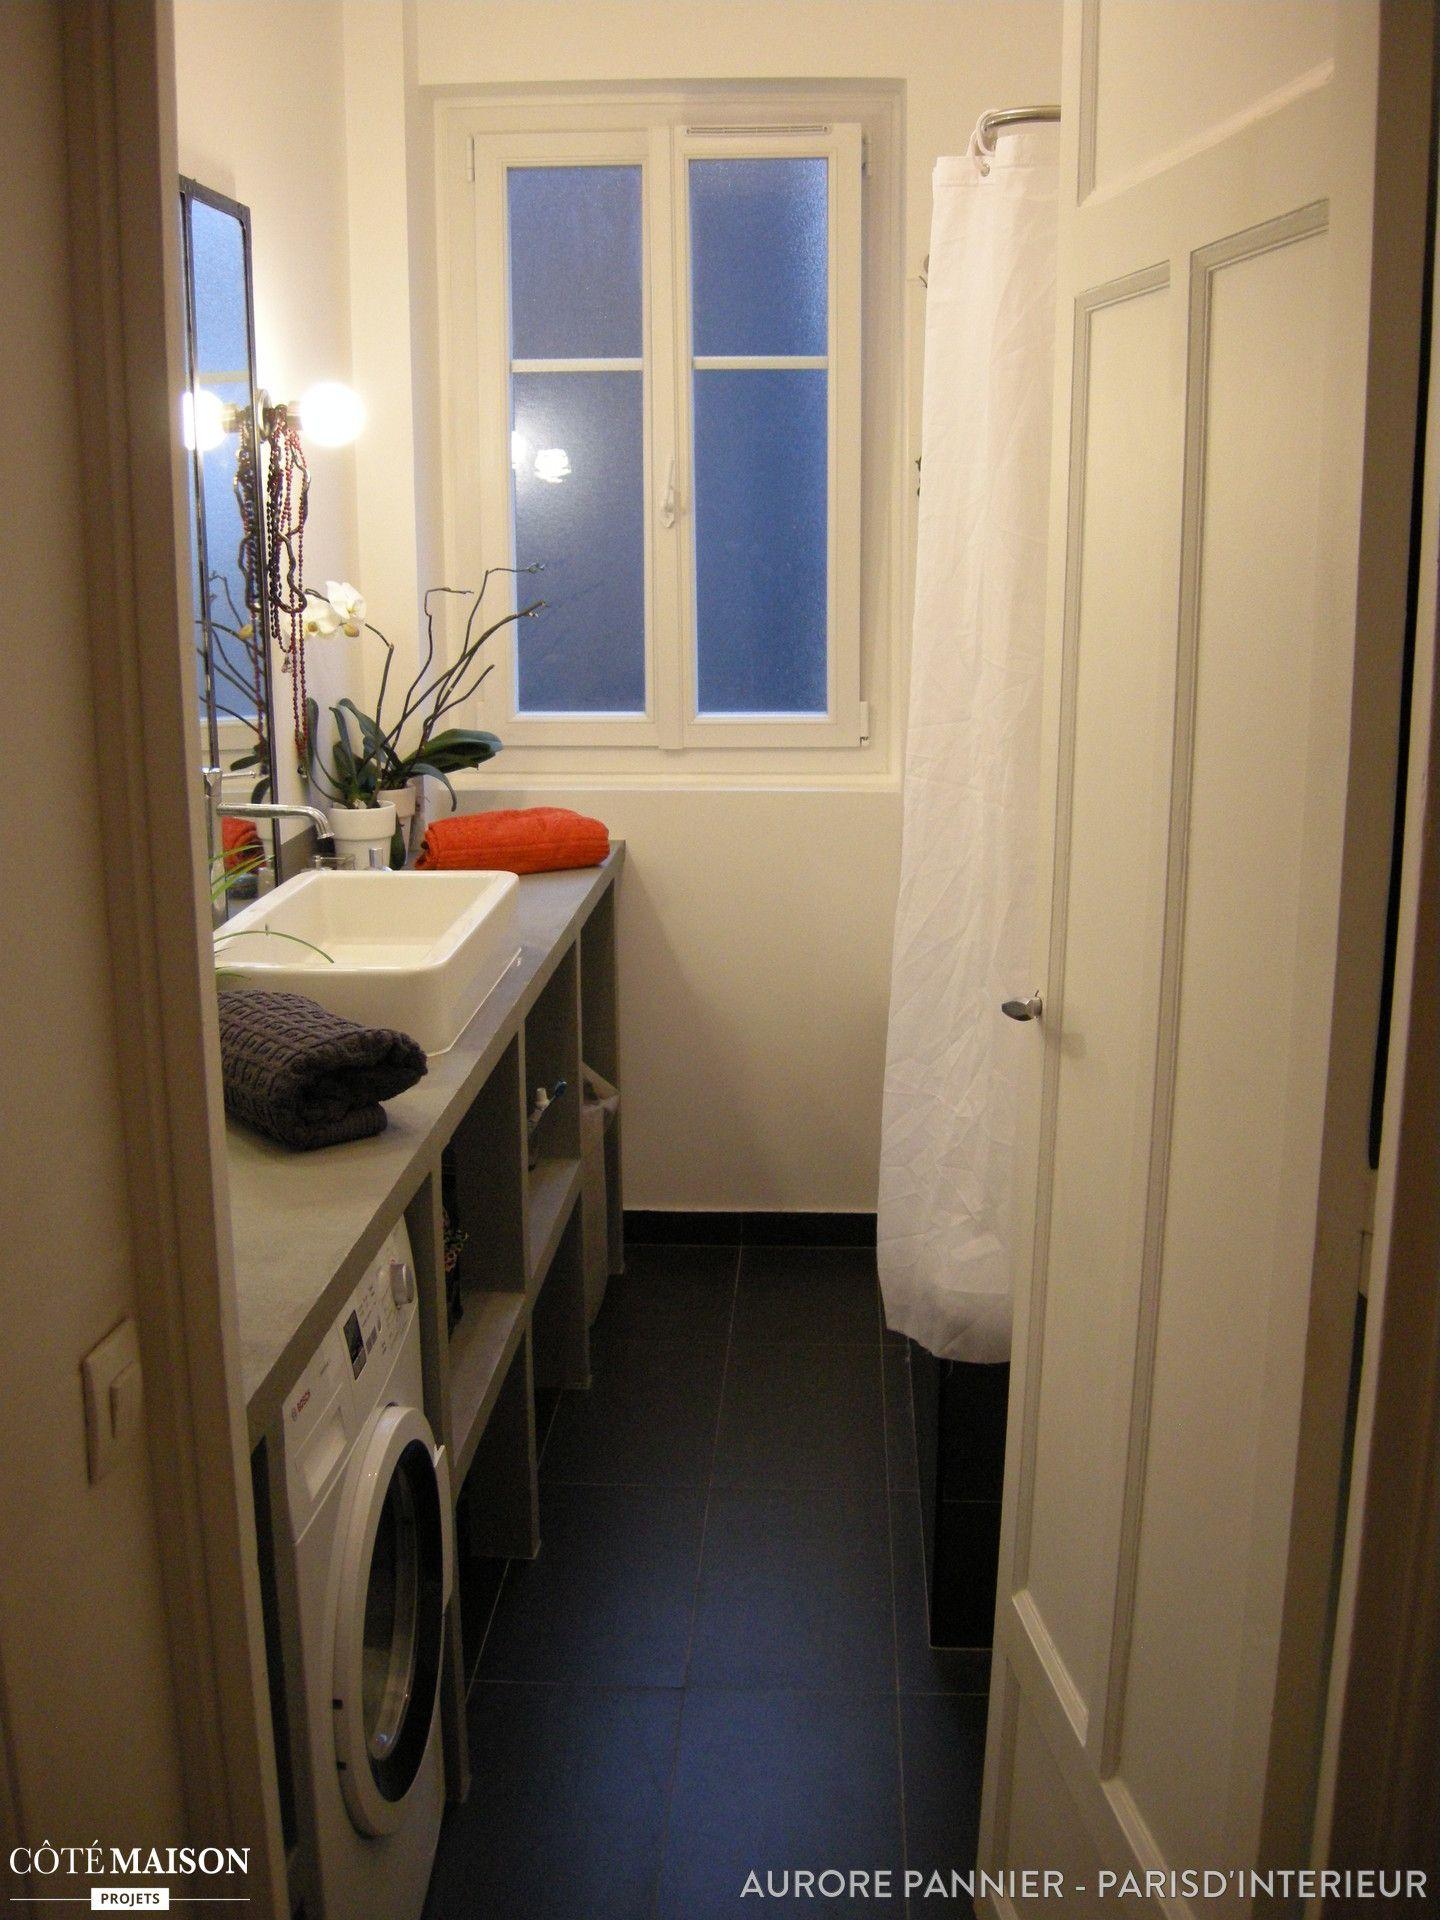 Salle De Bains Industrielle Aurore Pannier Côté Maison Petits - Cote maison salle de bain